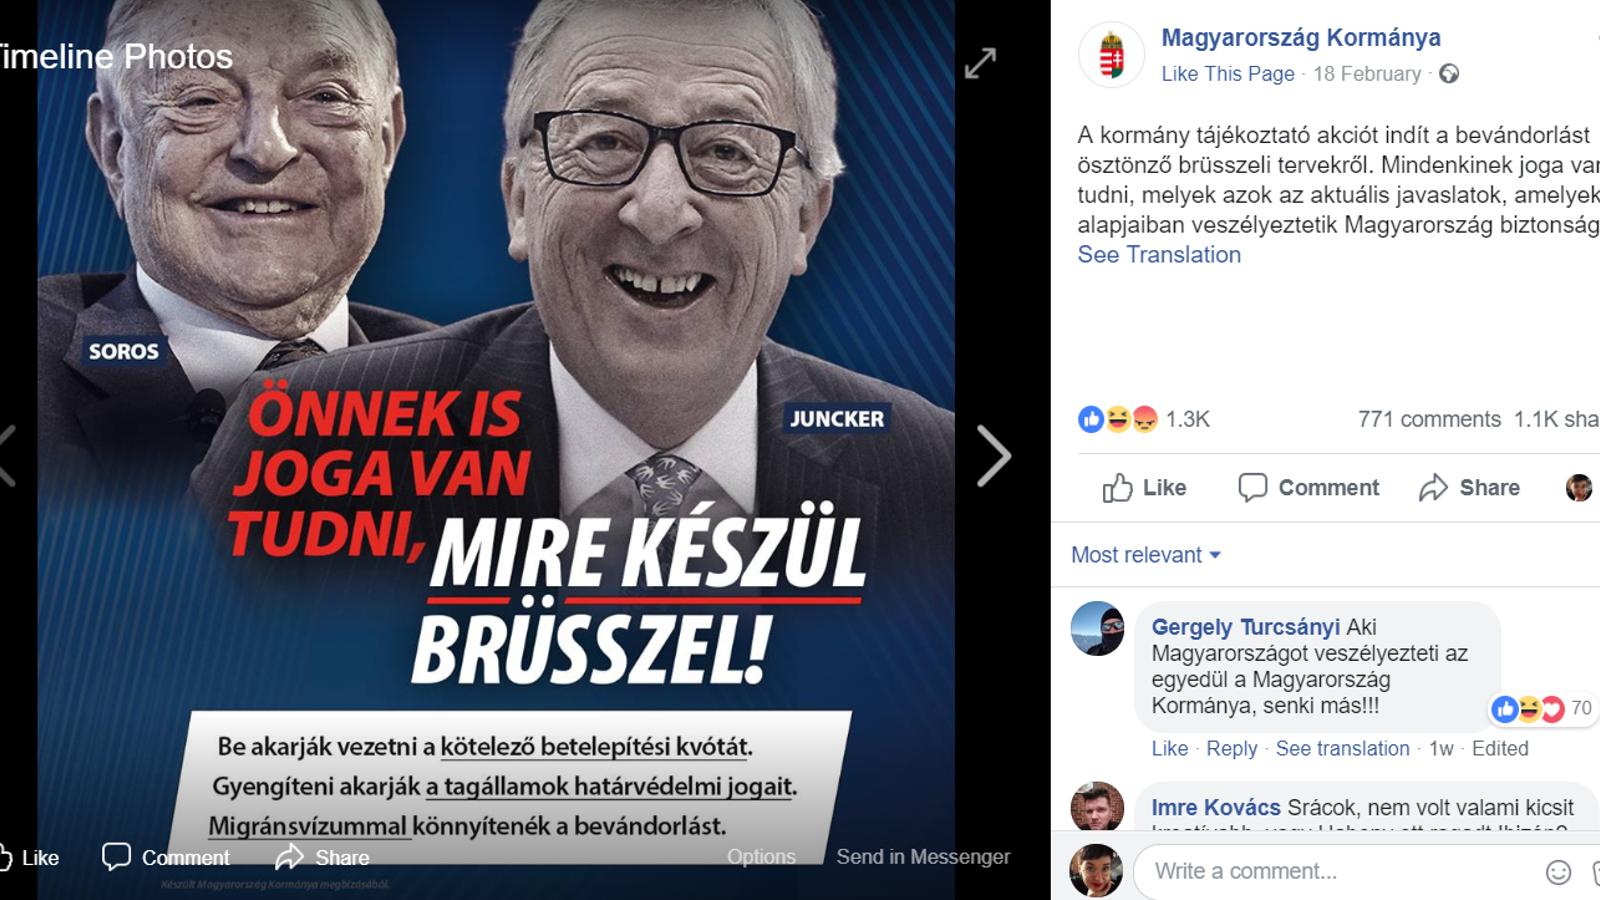 Hongria exaspera Brussel·les amb una campanya que acusa Juncker d'obrir les portes a la immigració